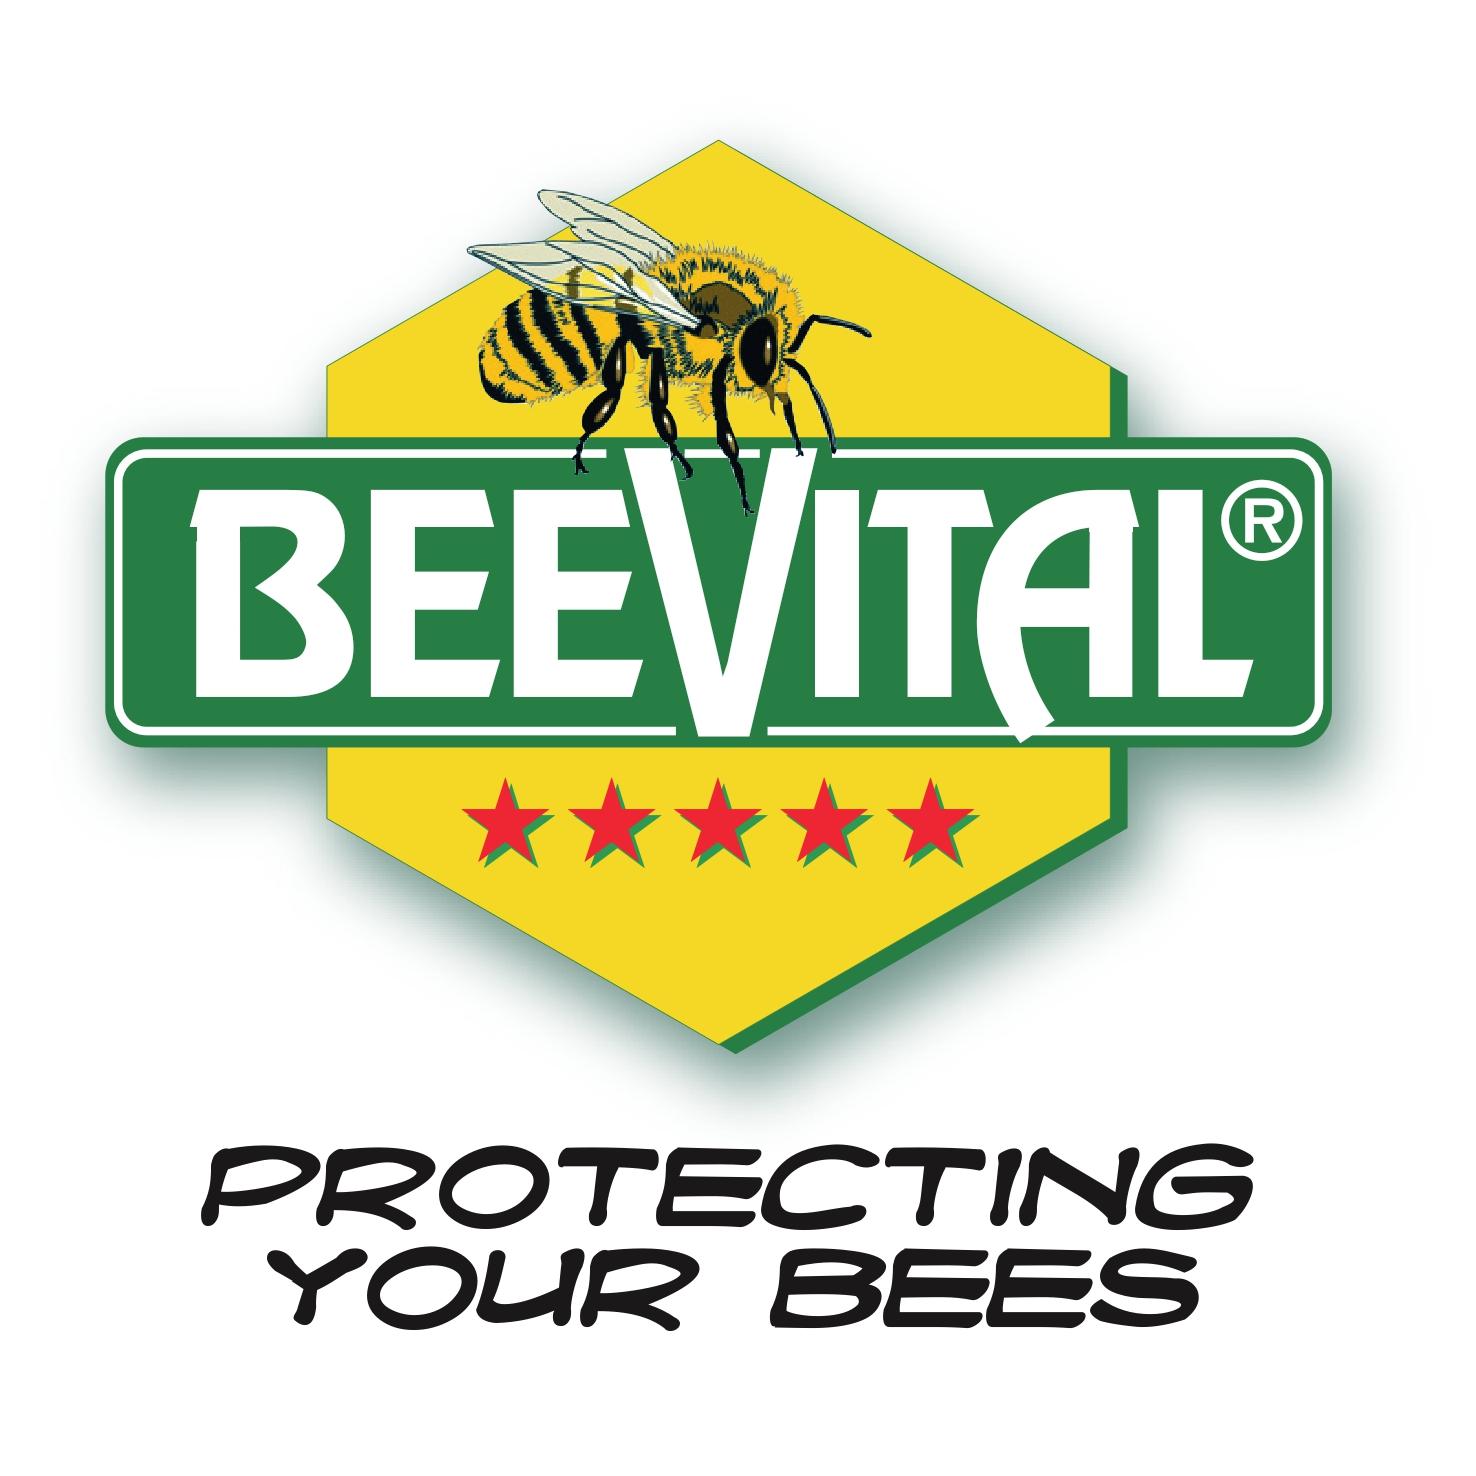 Bee Vital